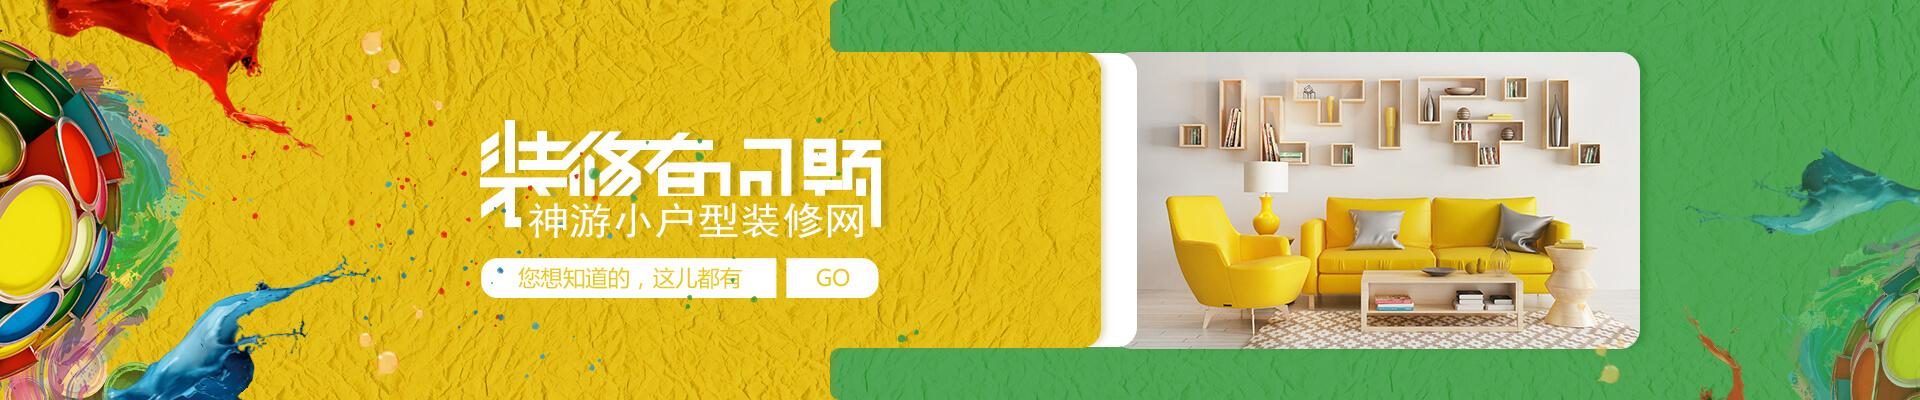 北京亚搏app官网方网